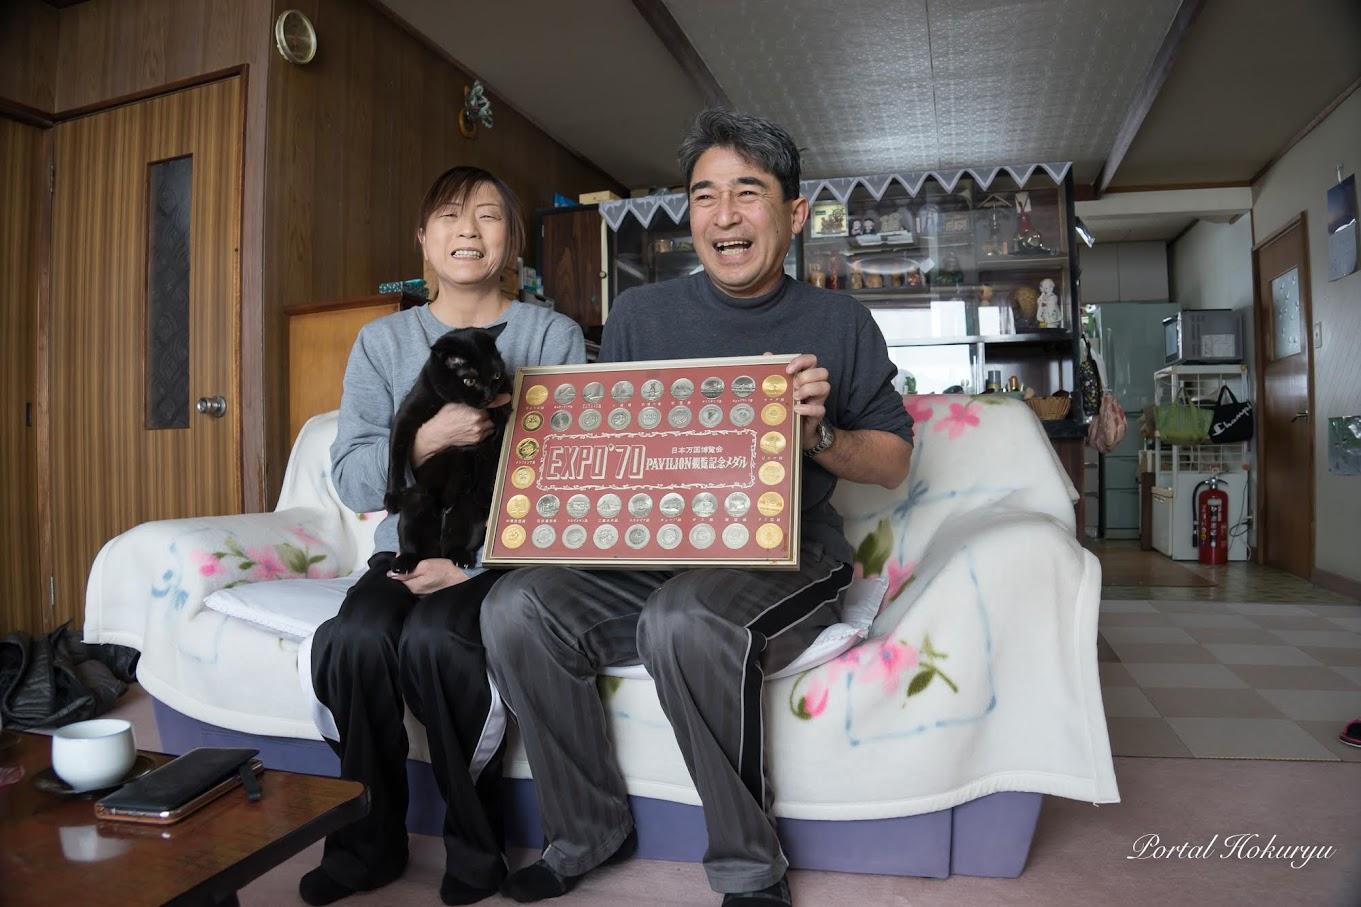 お宝の「EXPO70 日本万博博覧会パビリオン観覧記念メダル」